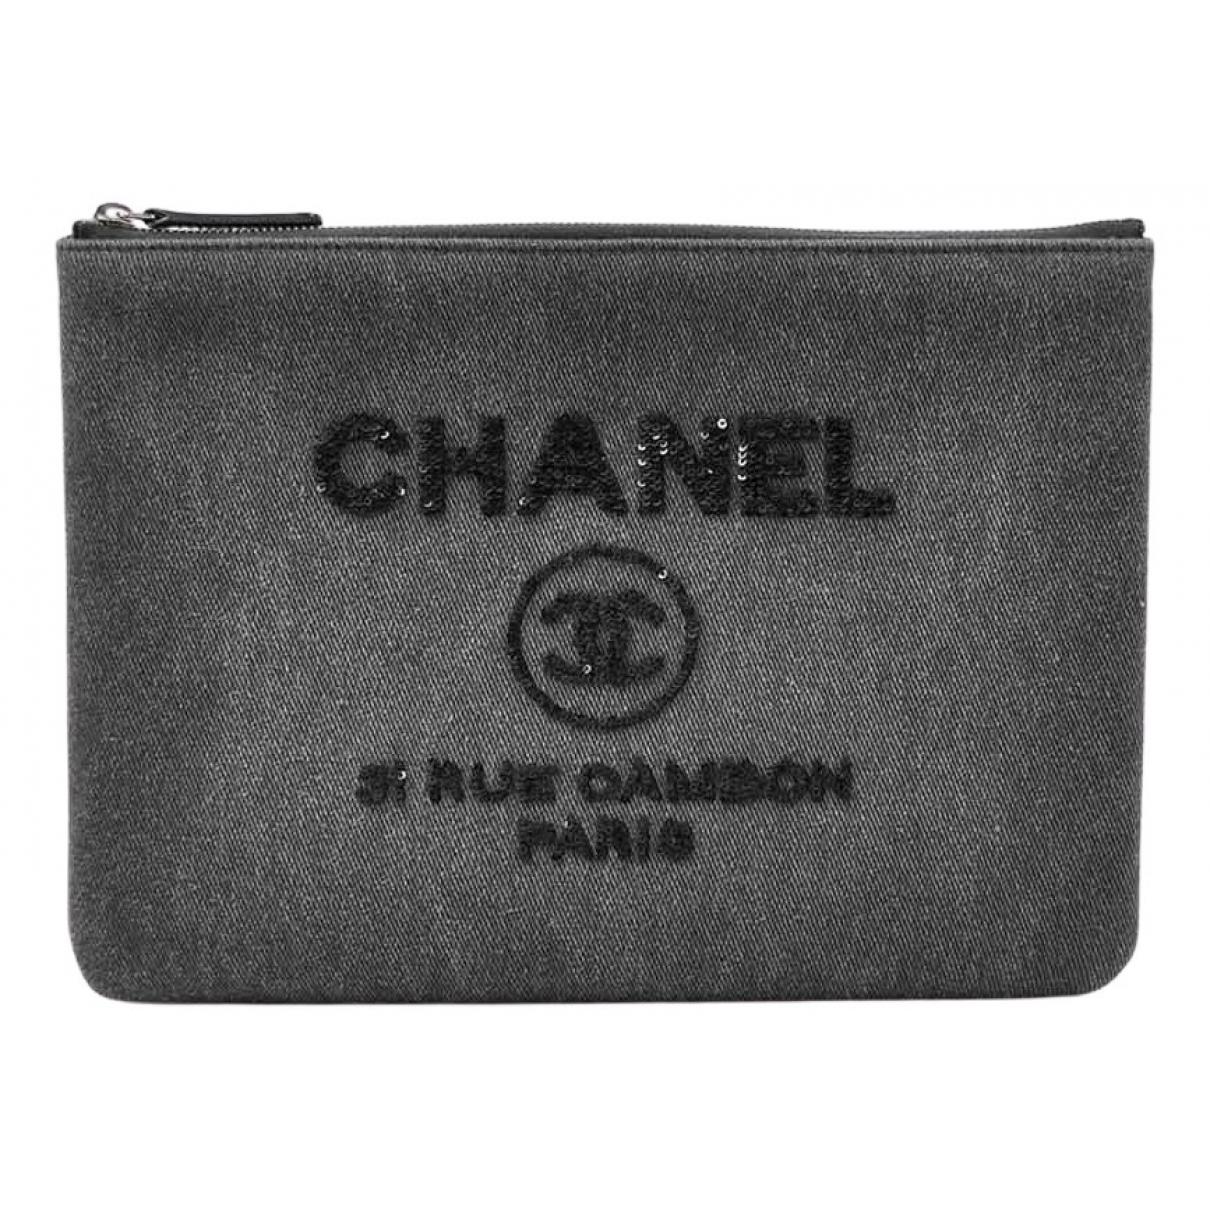 Bolsos clutch Deauville en Denim - Vaquero Gris Chanel